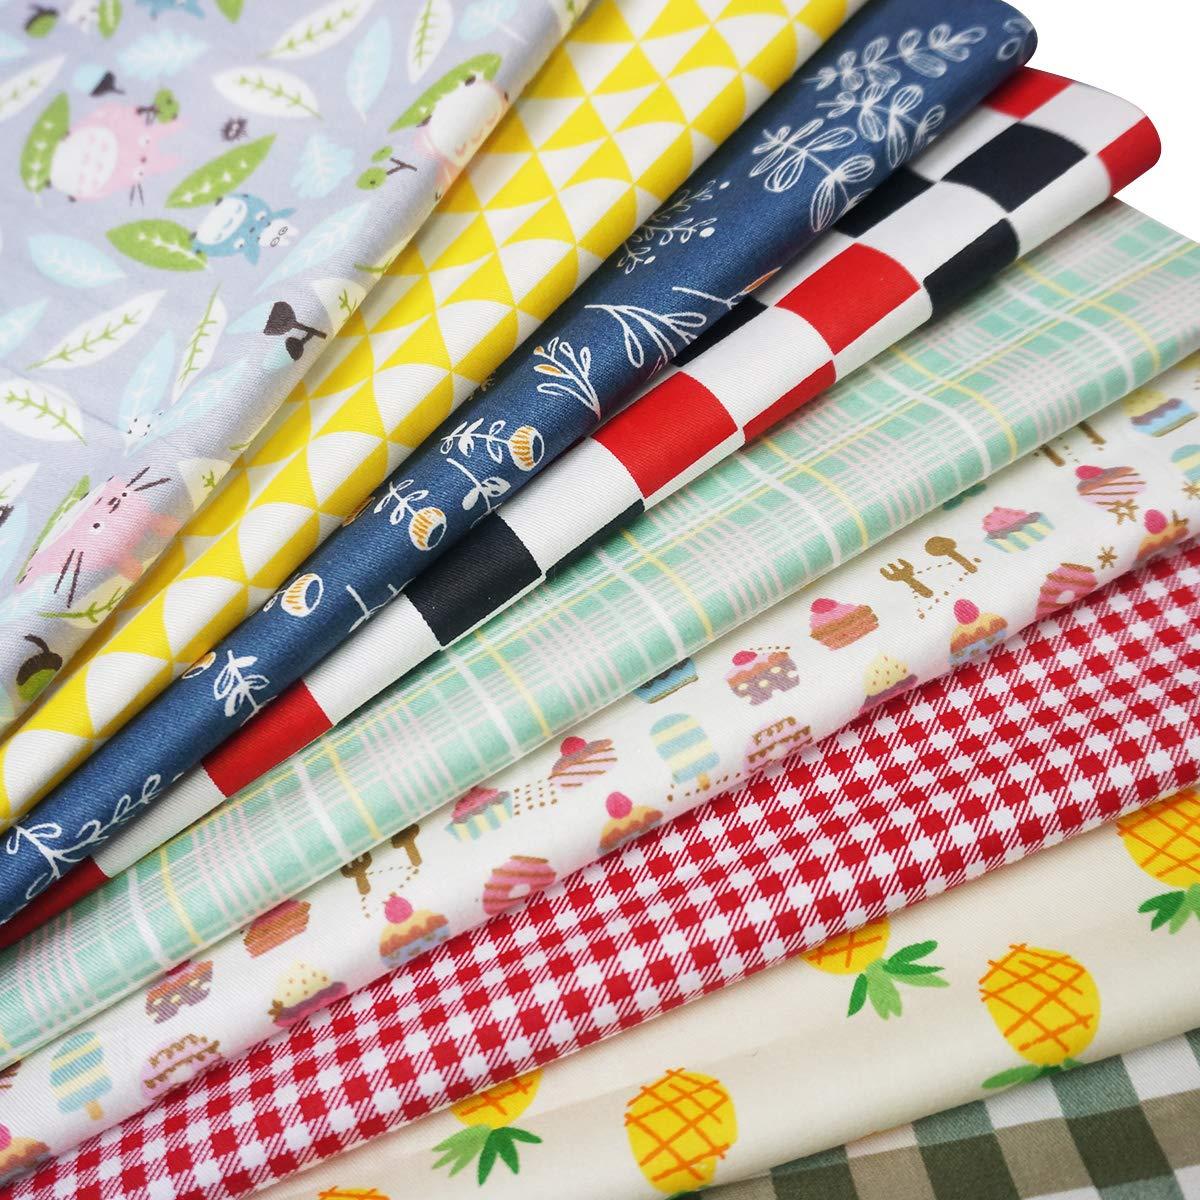 a8affba442c6fe 25Pcs Baumwollstoff Patchwork Stoffe DIY Gewebe Quadrate Baumwolltuch  Stoffpaket zum Nähen mit vielfältiges Muster 30x30cm Bastel- &  Malmaterialien